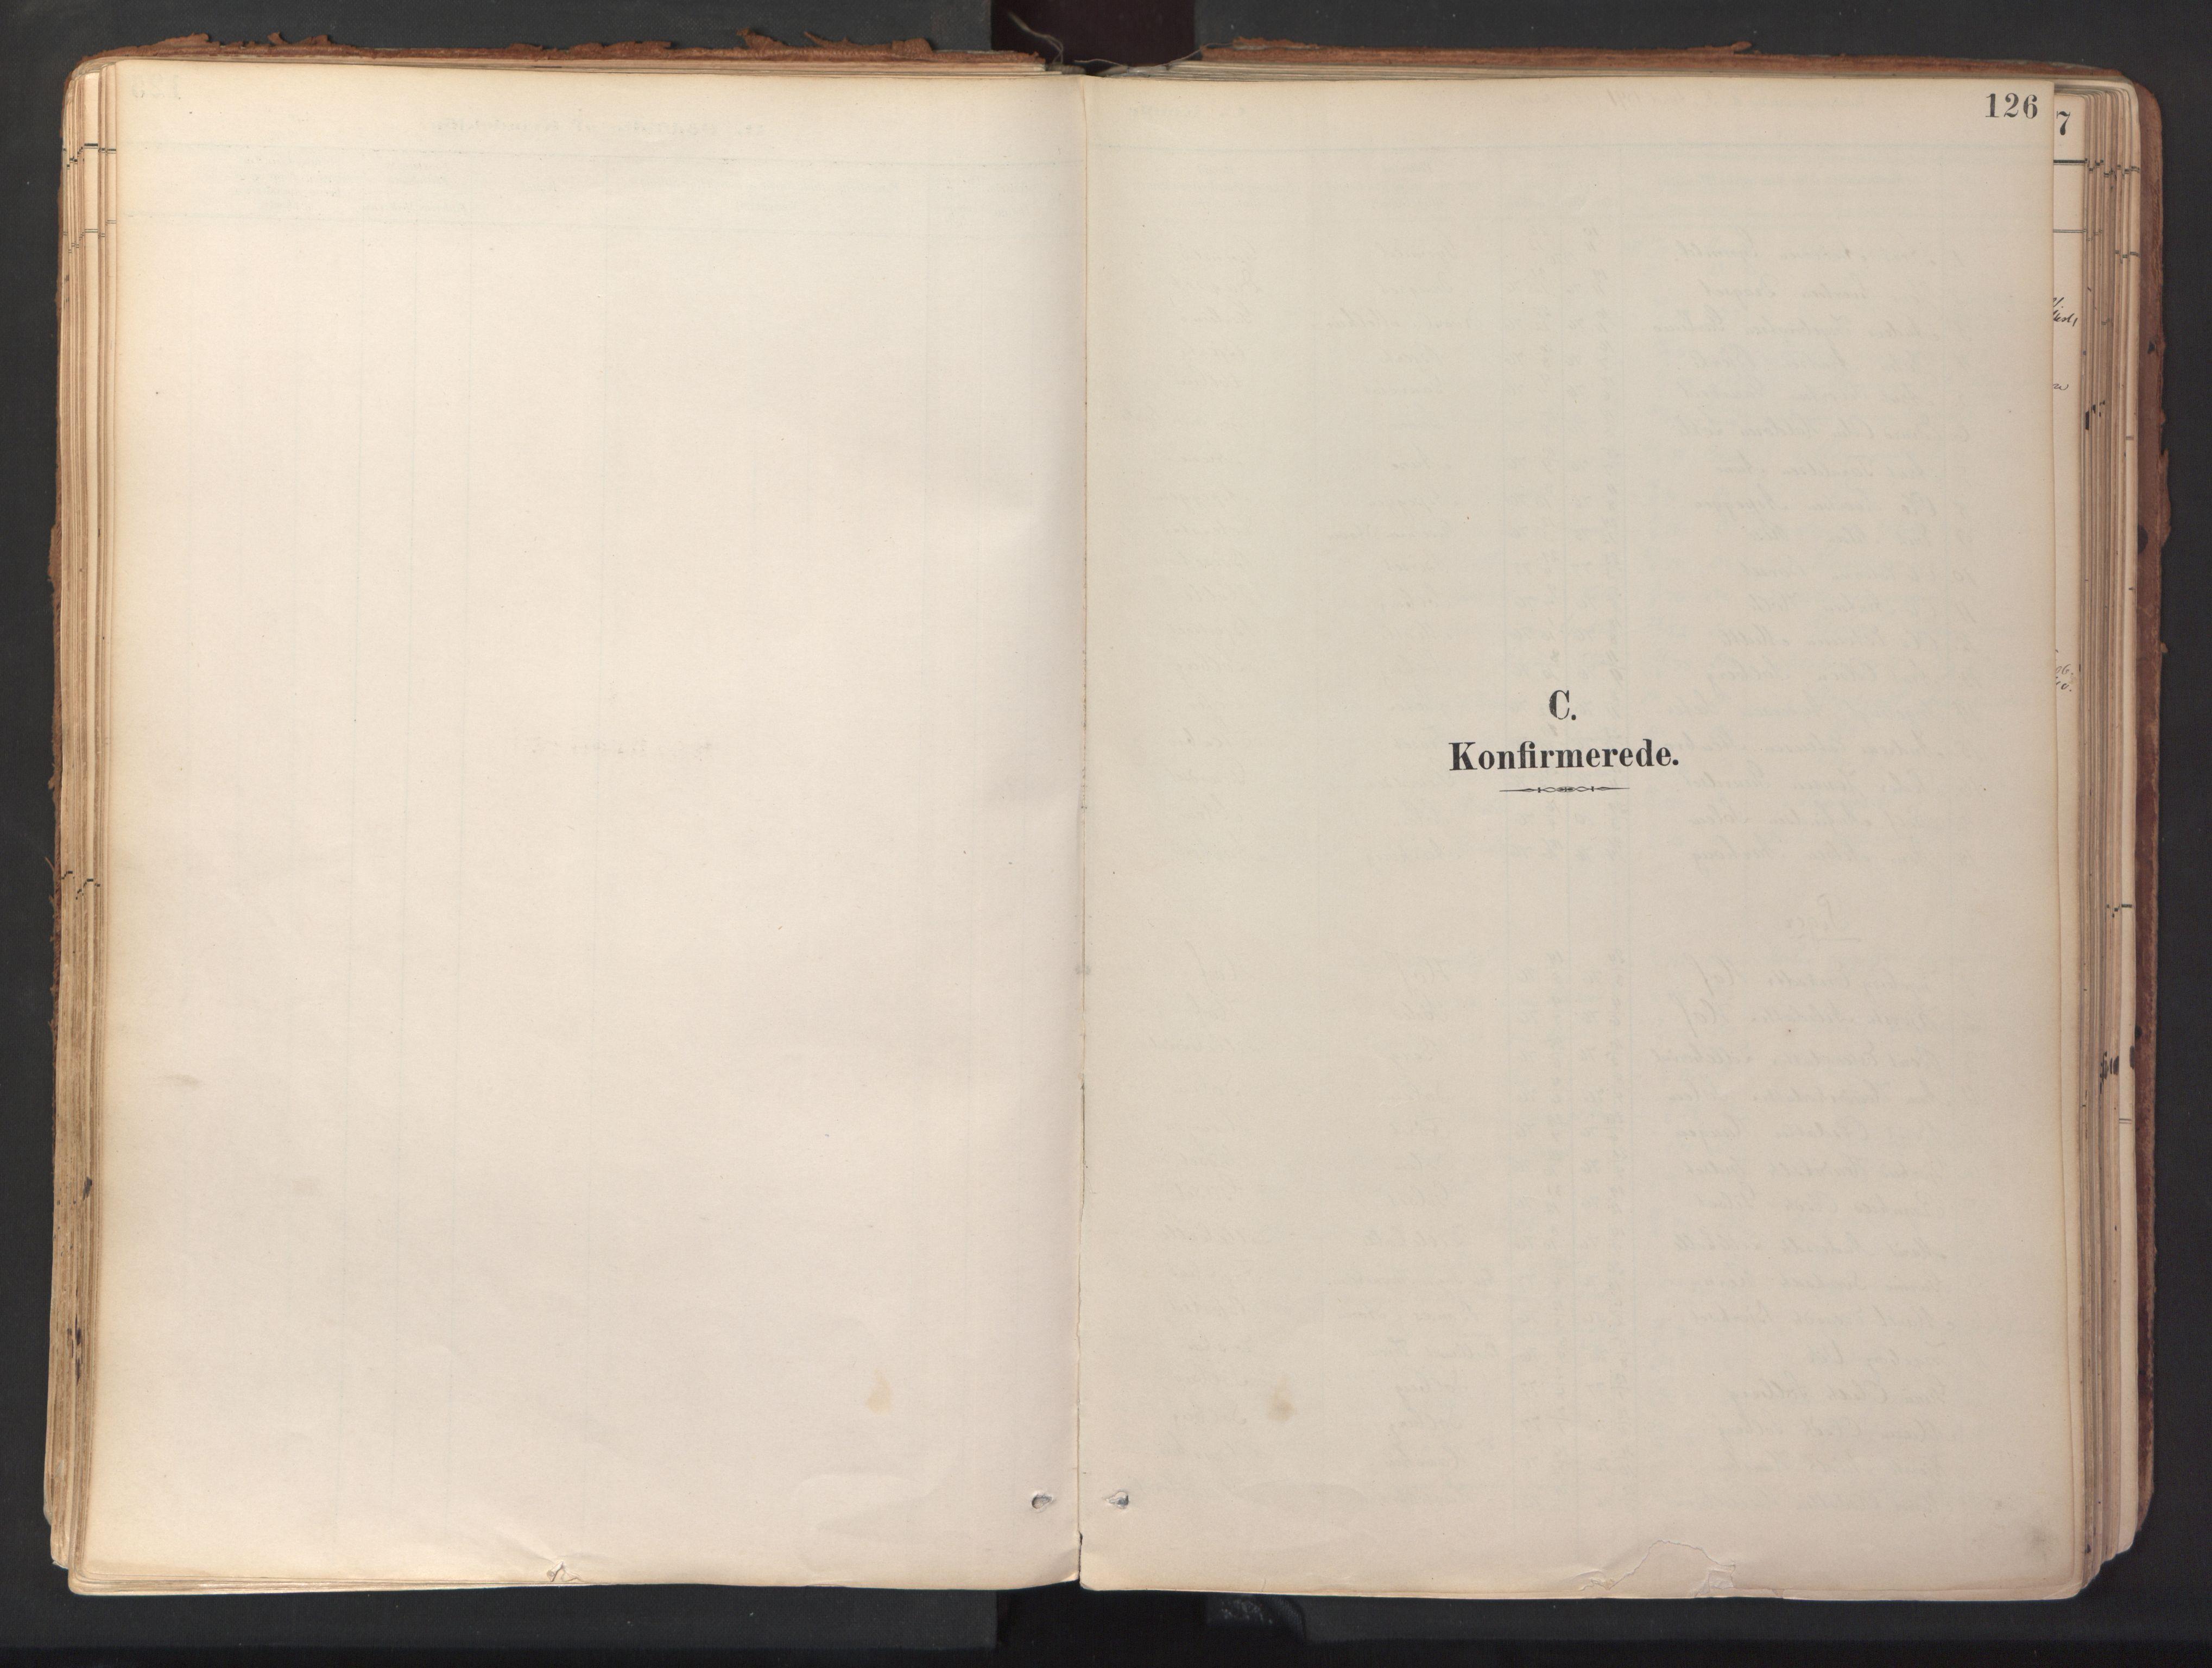 SAT, Ministerialprotokoller, klokkerbøker og fødselsregistre - Sør-Trøndelag, 689/L1041: Ministerialbok nr. 689A06, 1891-1923, s. 126